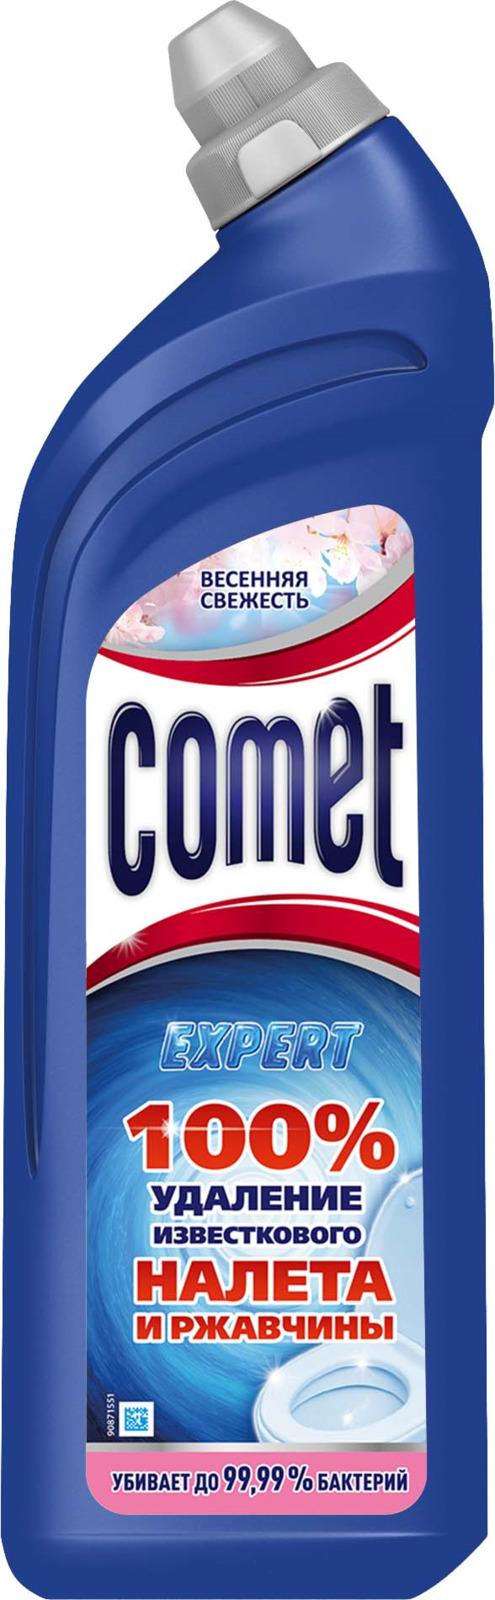 Средство чистящее для туалета Comet, весенняя свежесть, 750 мл средство чистящее для туалета comet весенняя свежесть 750 мл